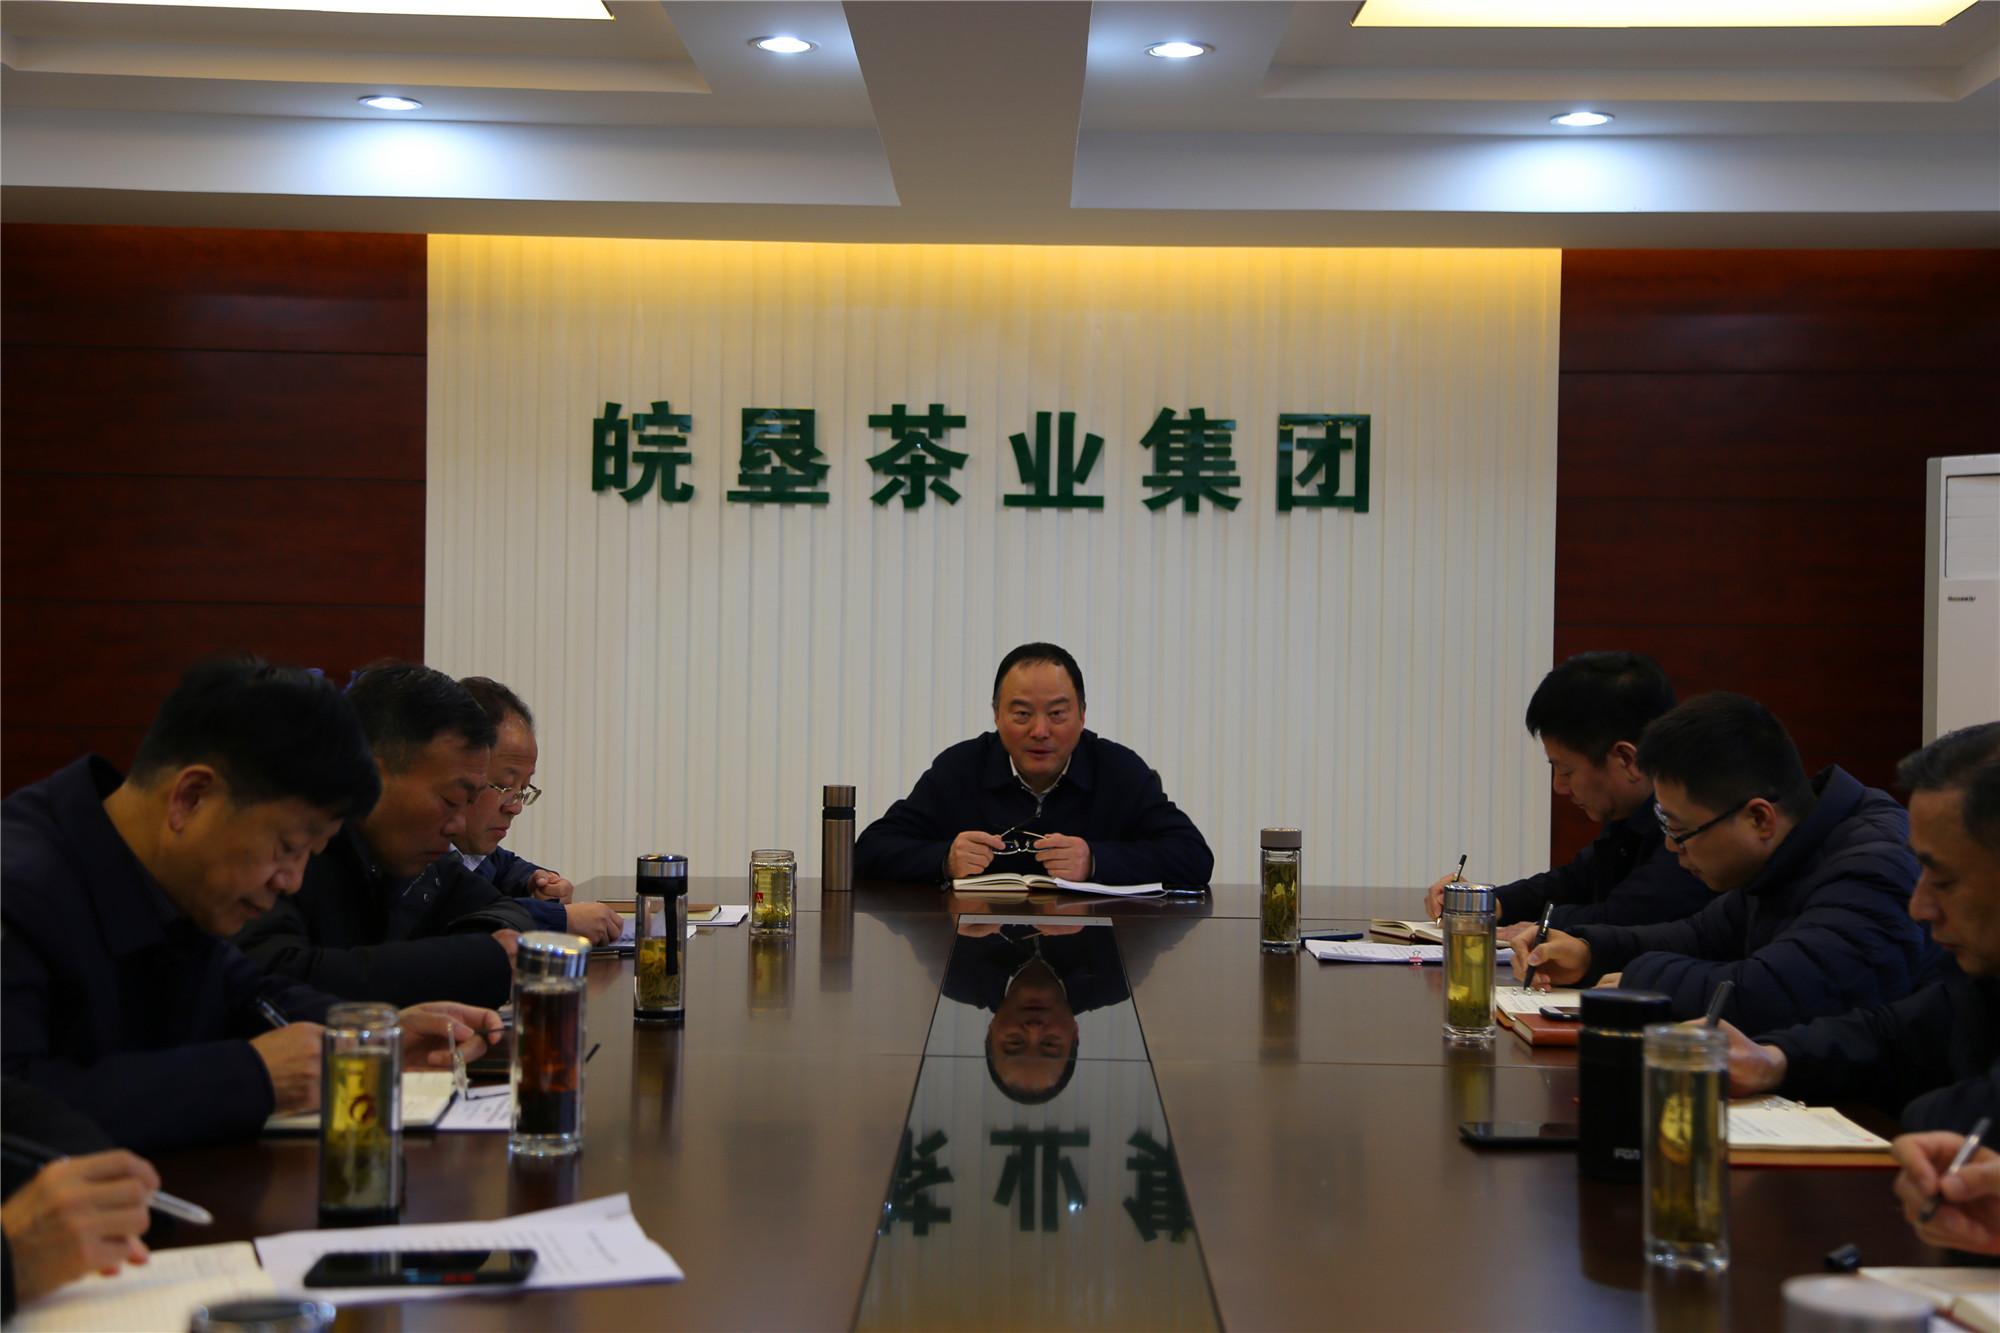 德赢ac 米兰集团党委理论中心组举行第3次集体学习